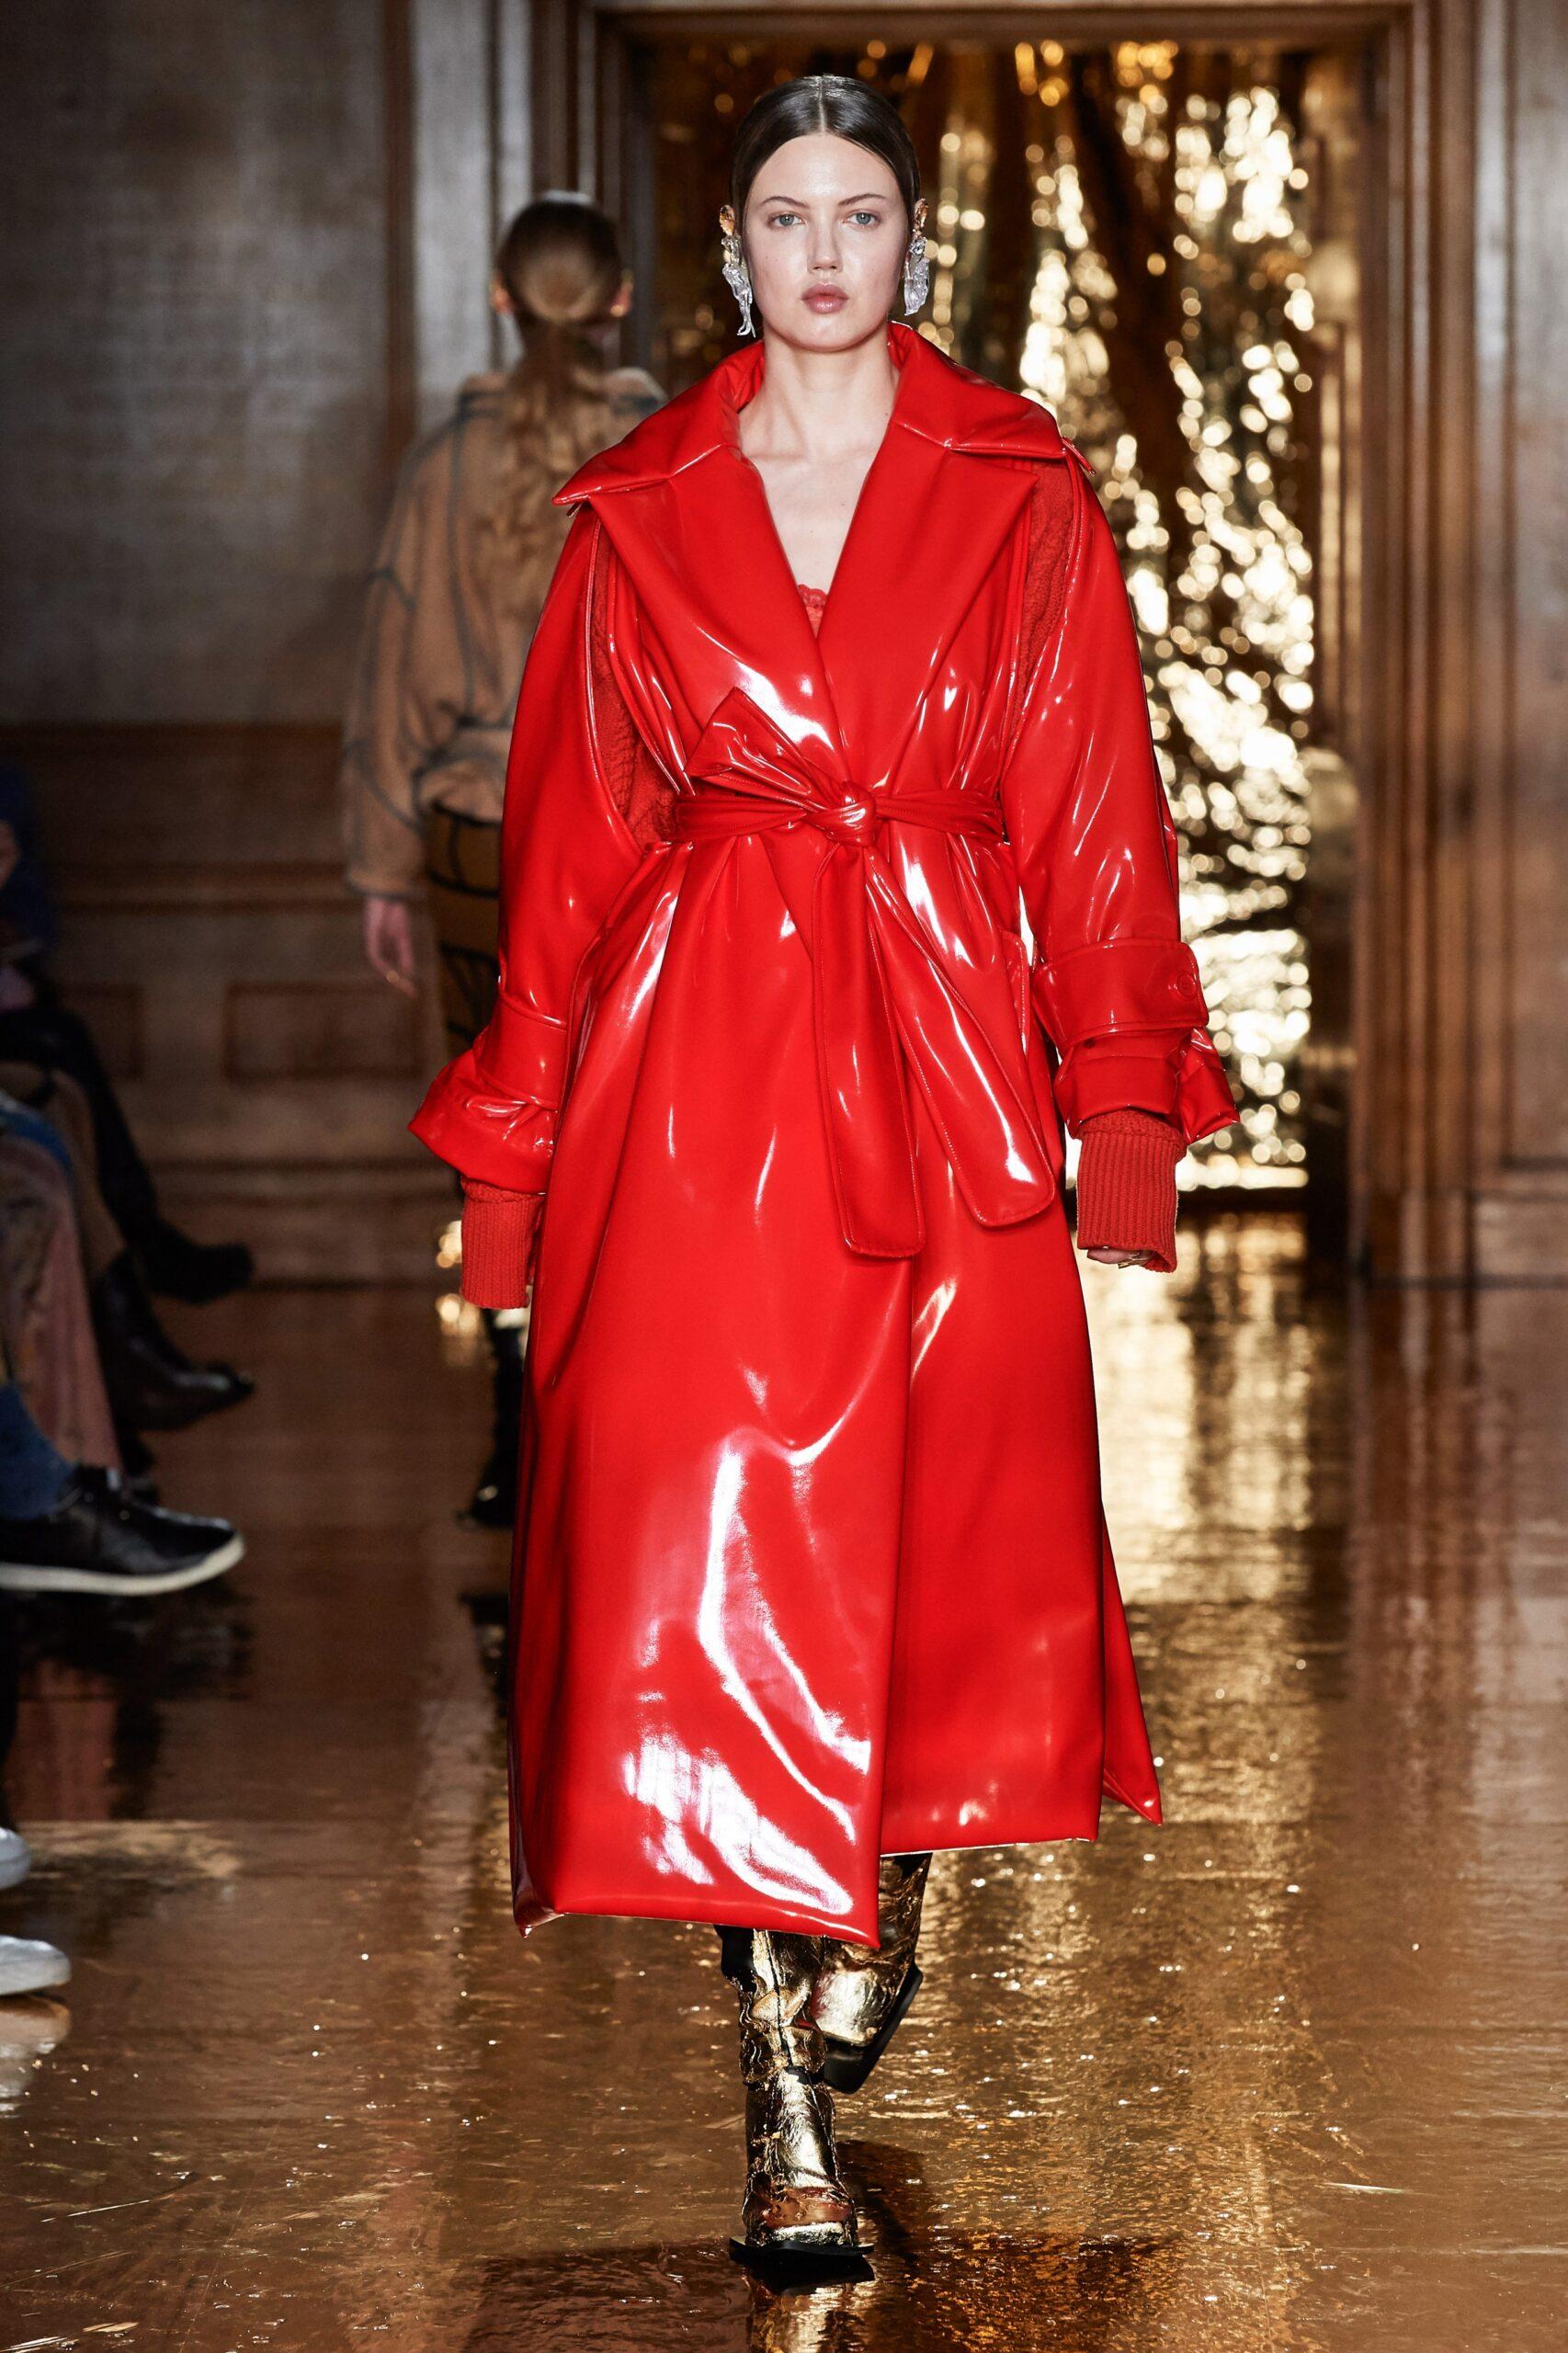 Preen by Thornton Bregazzi Fall 2020 ready-to-wear